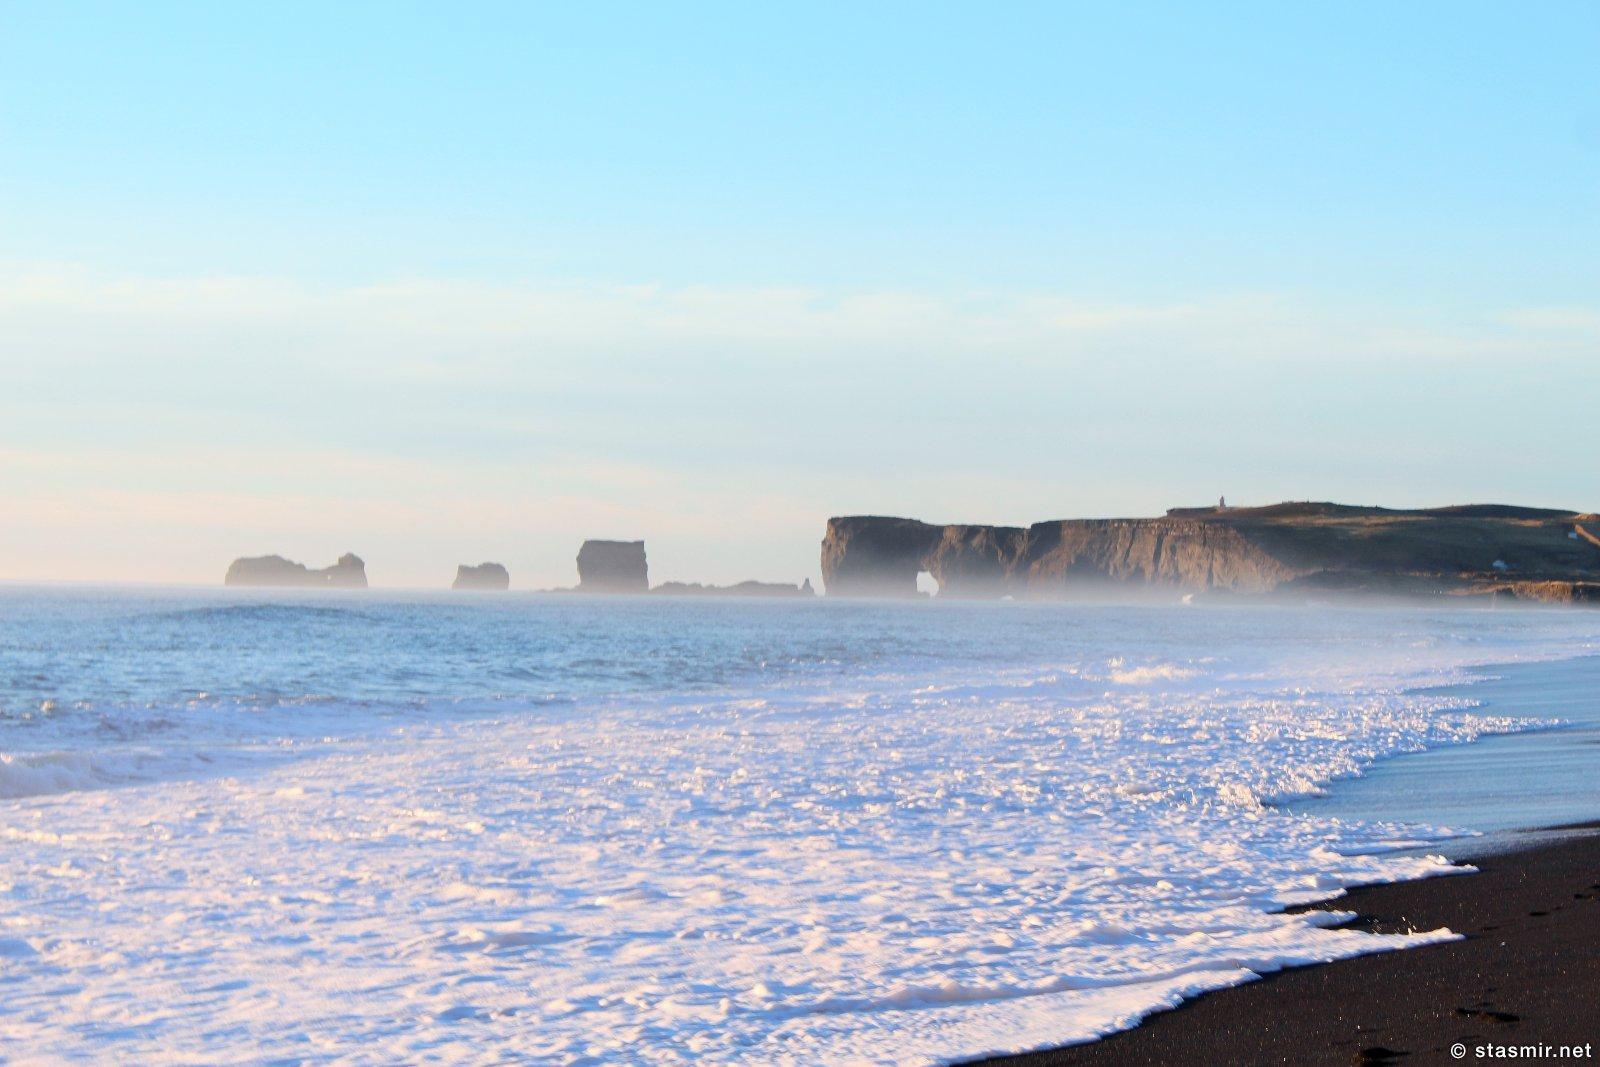 Пляж Рейнисфьяра и Дирхоулаэй в Южной Исландии, фото Стасмир, Photo Stasmir